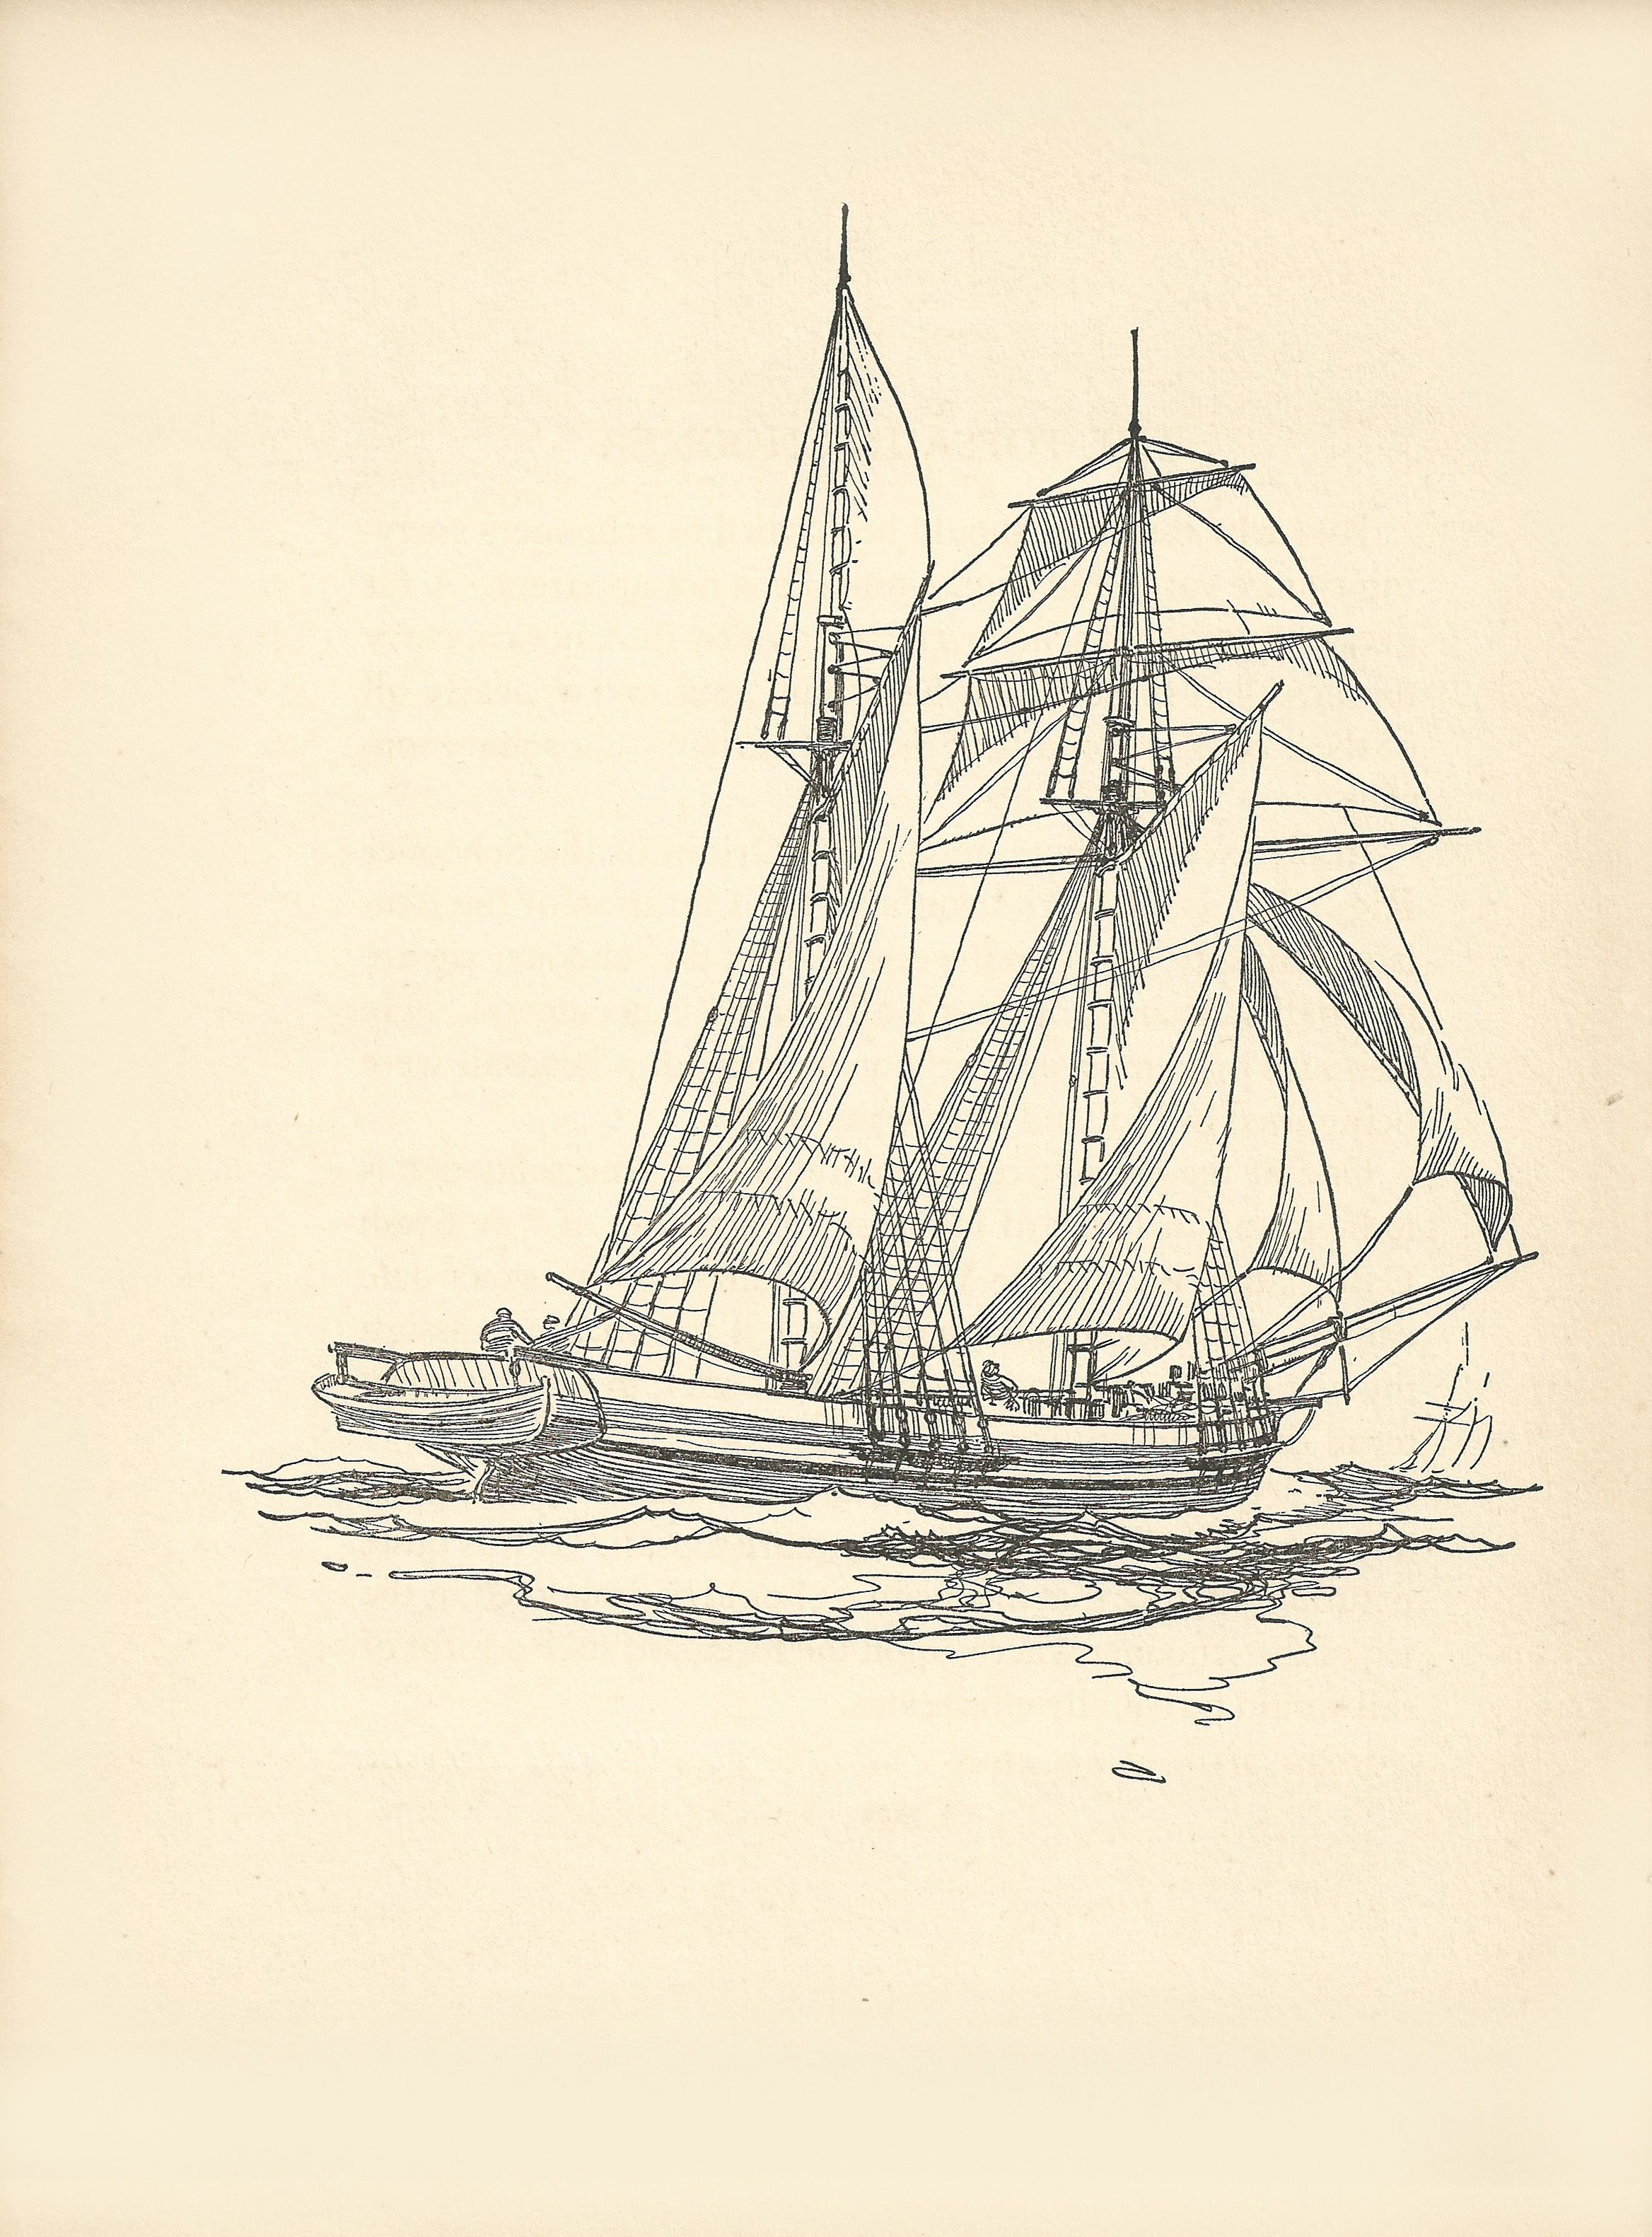 Schooner Drawing